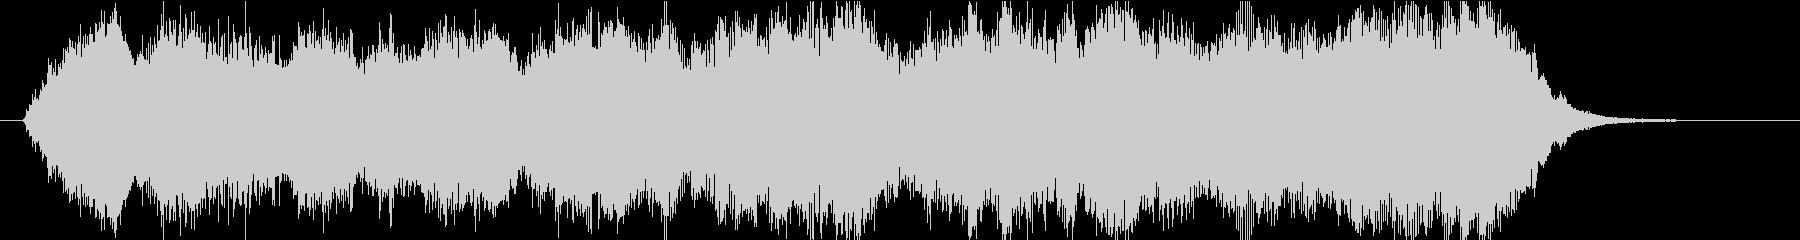 15秒CM 優雅 やさしい クラシックの未再生の波形